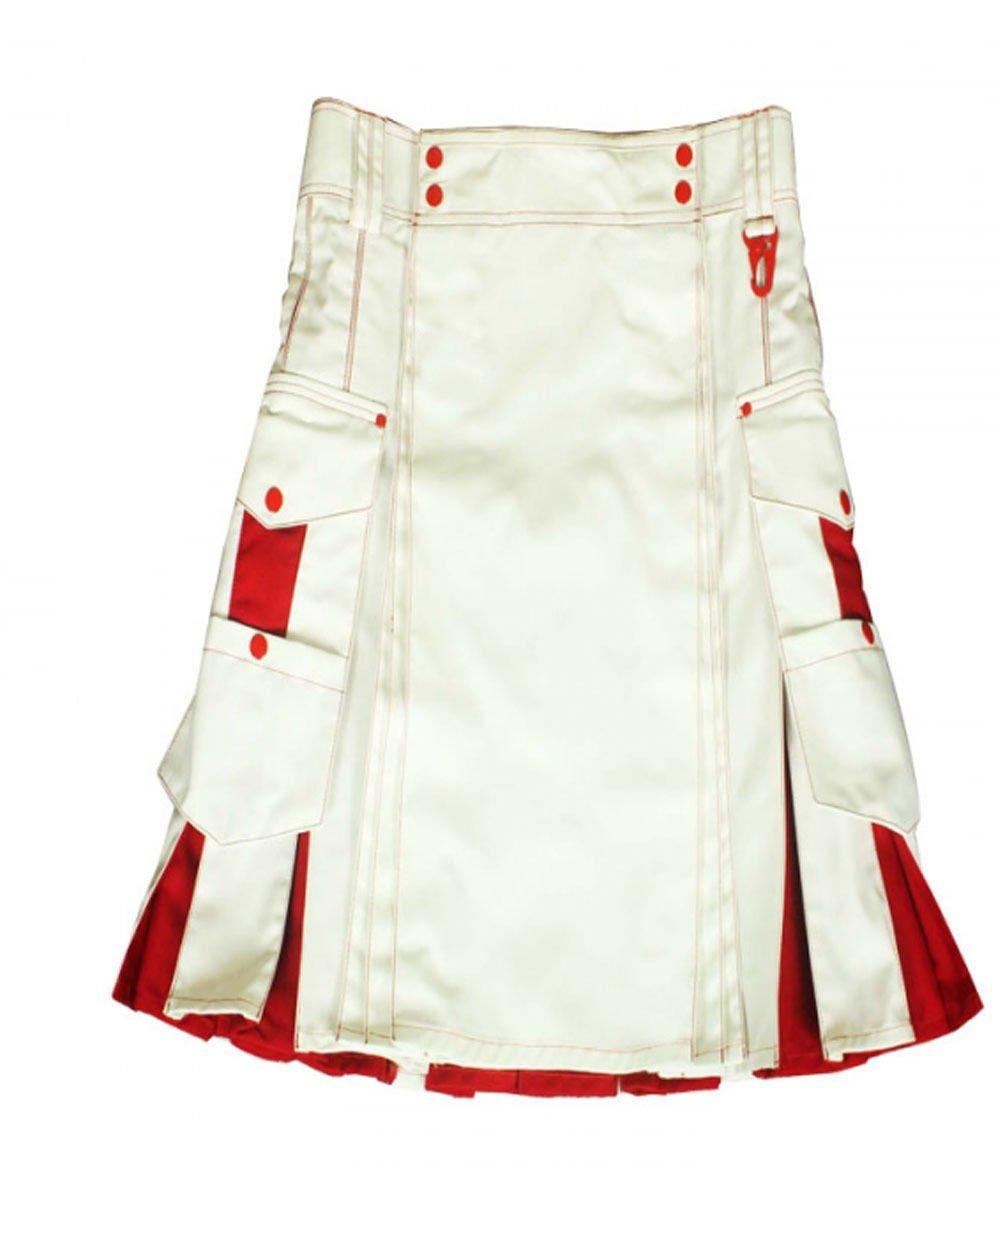 40 Size Handmade White & Red Cotton Kilt for Active Men, Hybrid Cotton Utility Deluxe Kilt